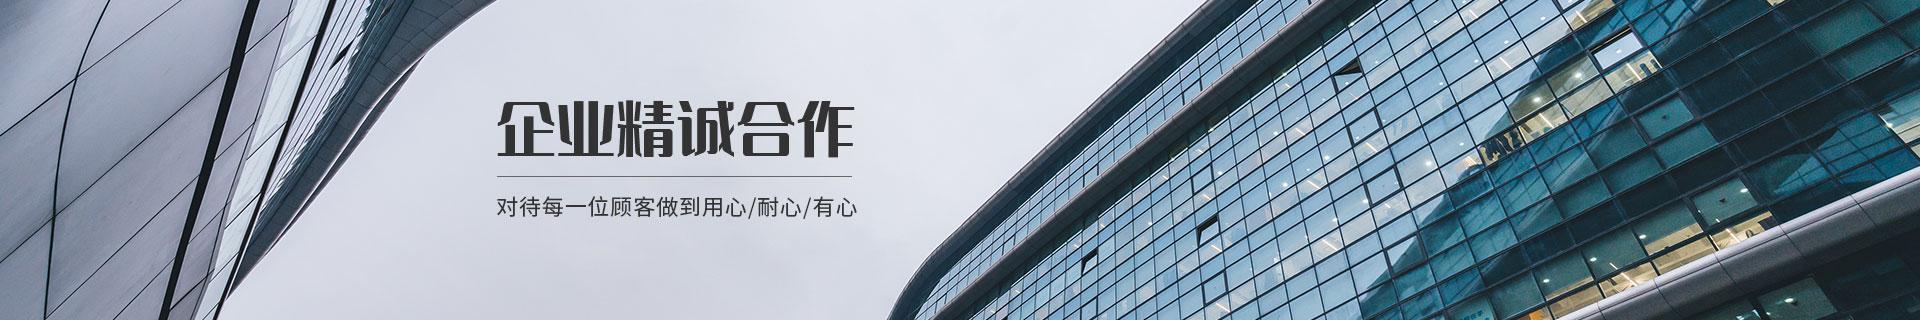 关于百诚鑫隆